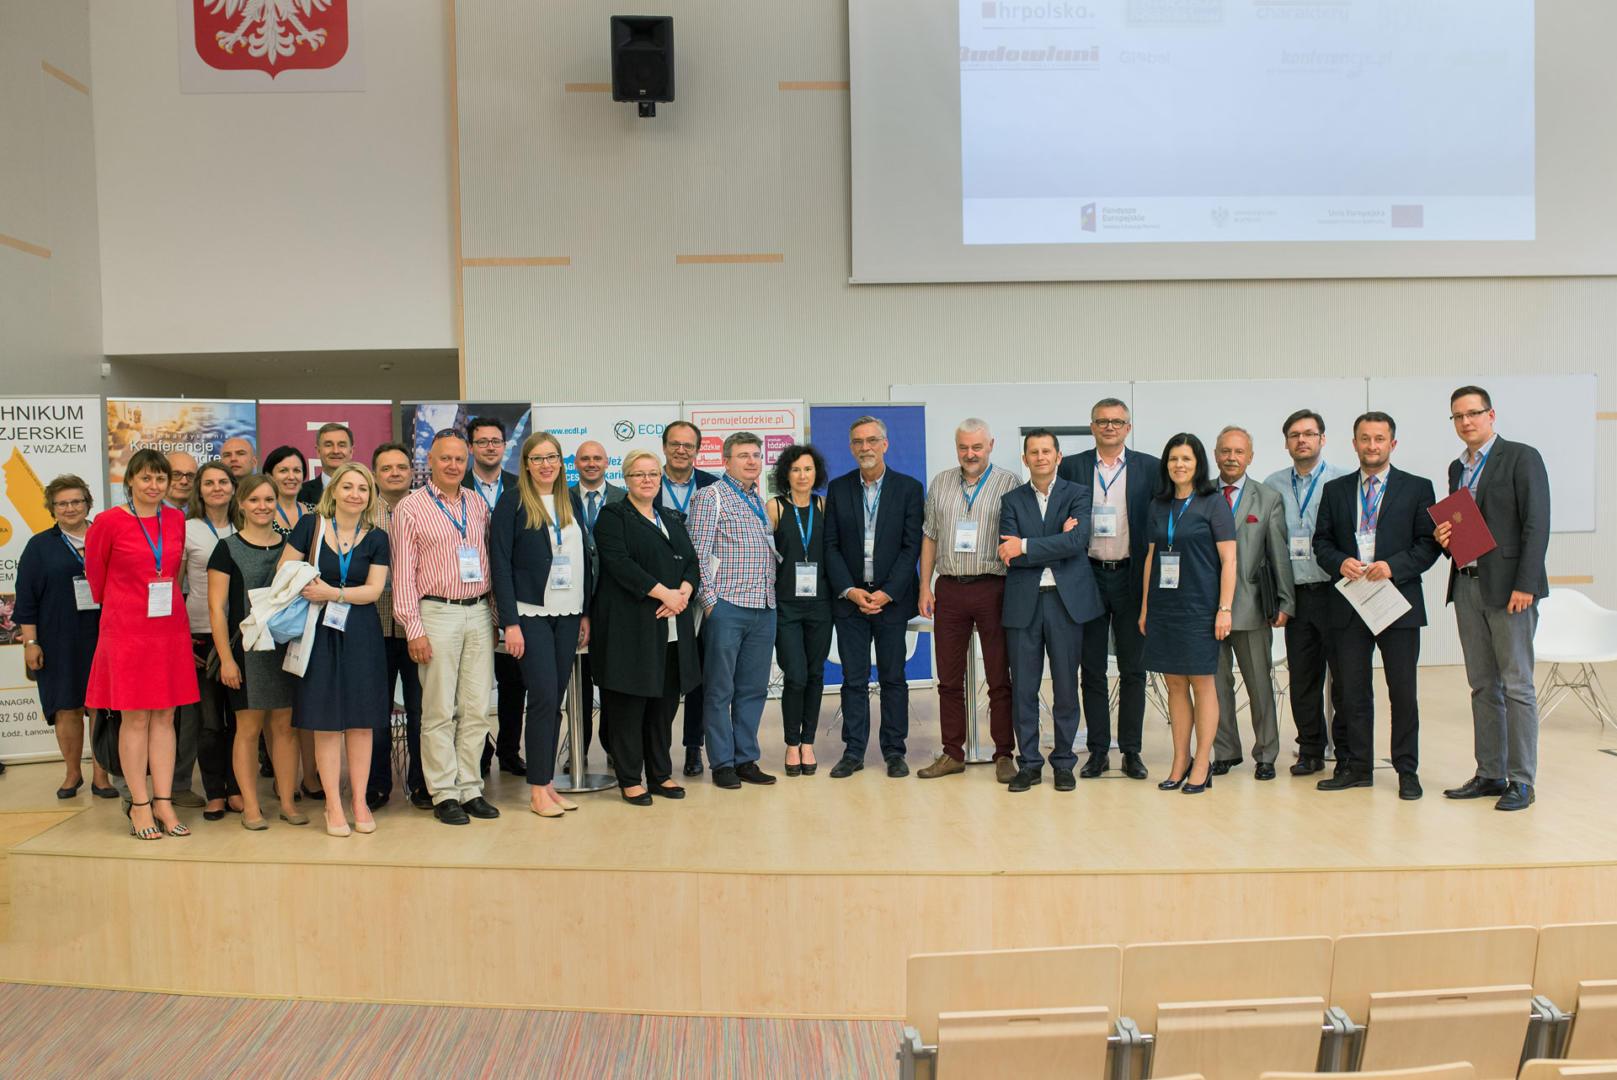 Kongres Edukacji Pozaformalnej KEP 2016 - uczestnicy - agencja digital Conversacja.pl